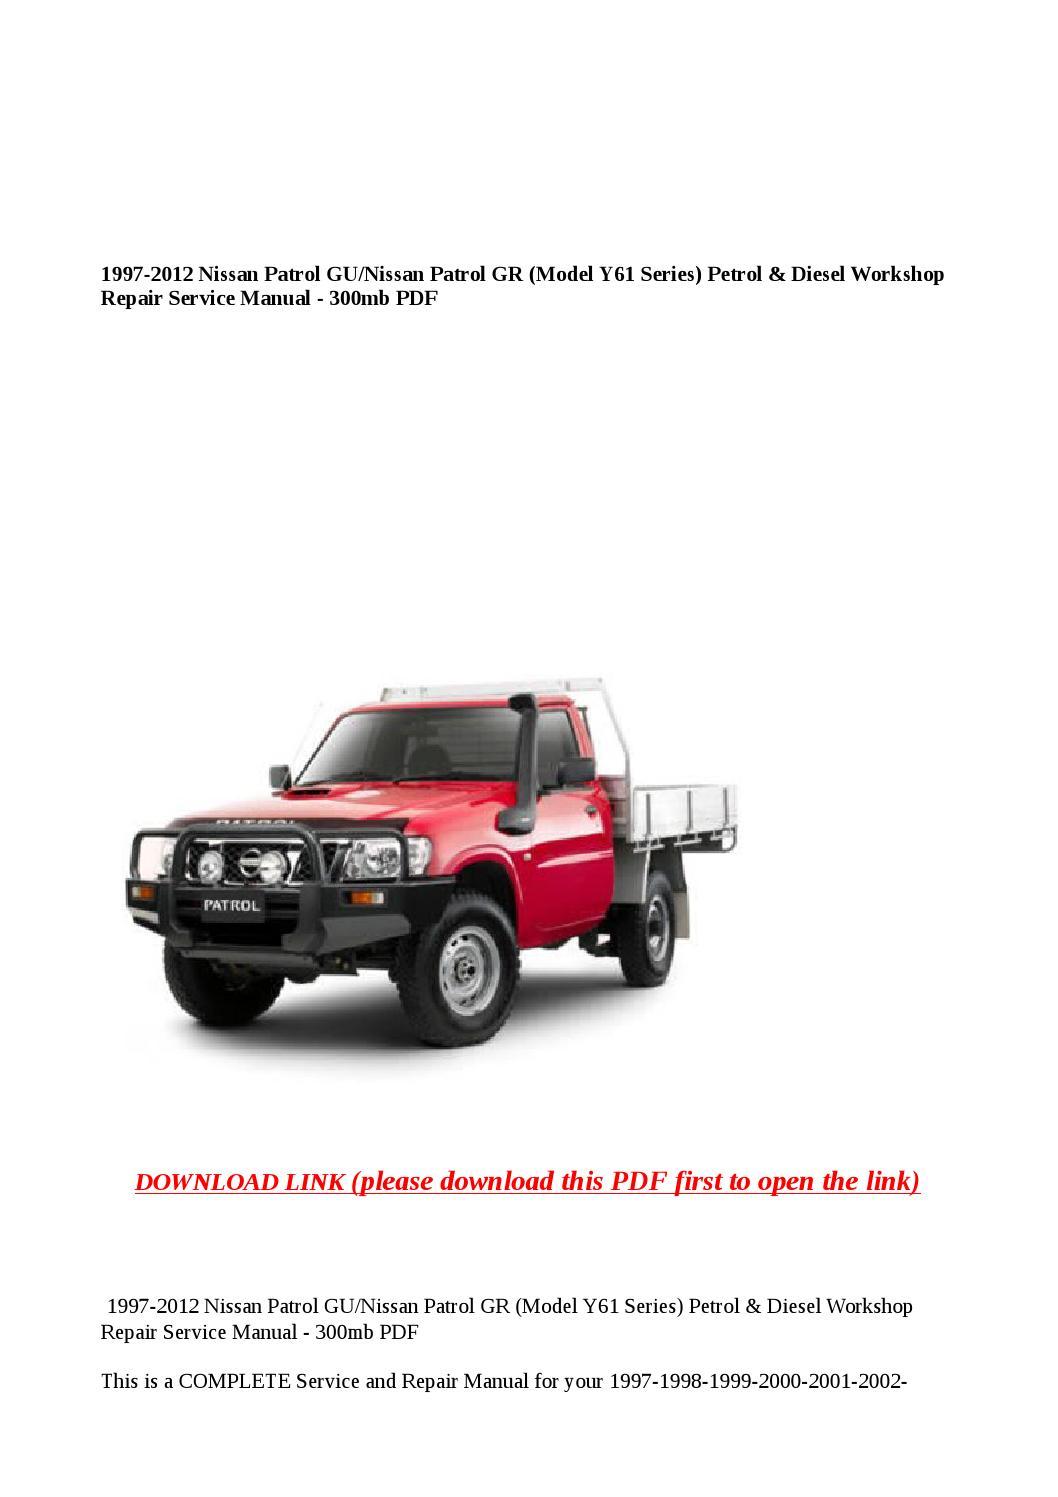 1997 2012 nissan patrol gu nissan patrol gr (model y61